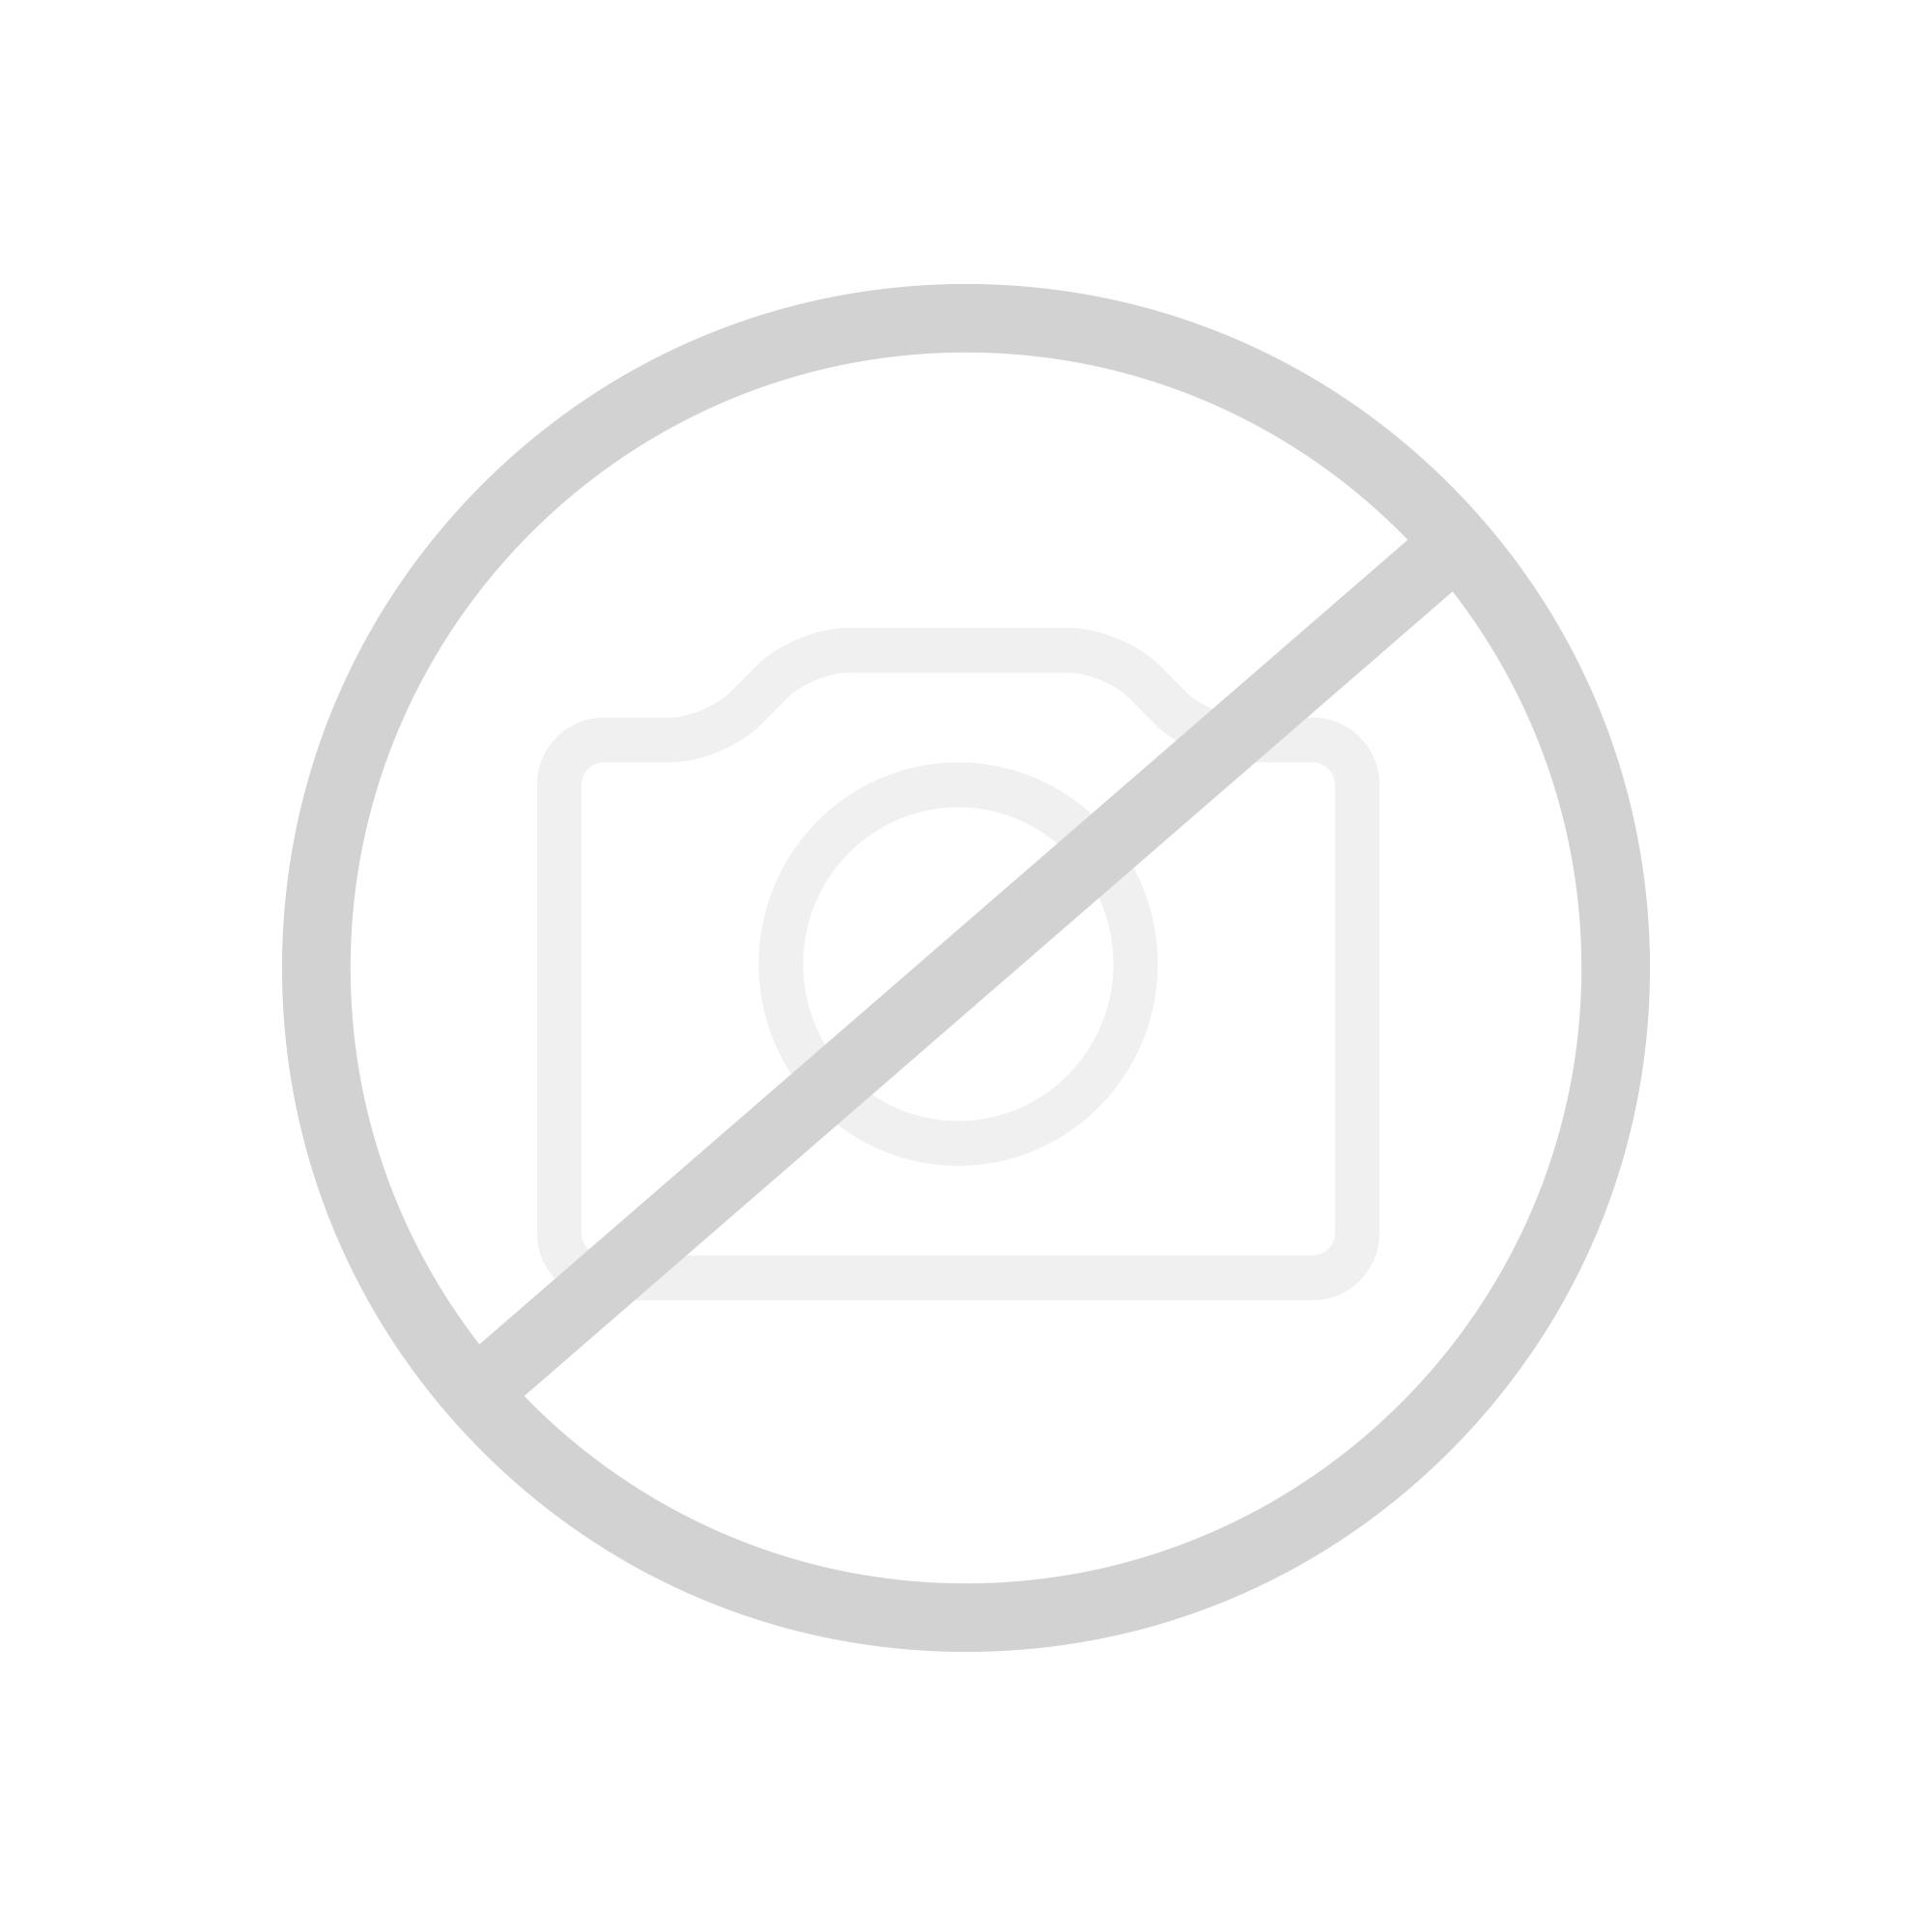 Steinberg Serie 120 Waschtisch-Einhebelmischbatterie zur Wandmontage, Ausladung 145 mm